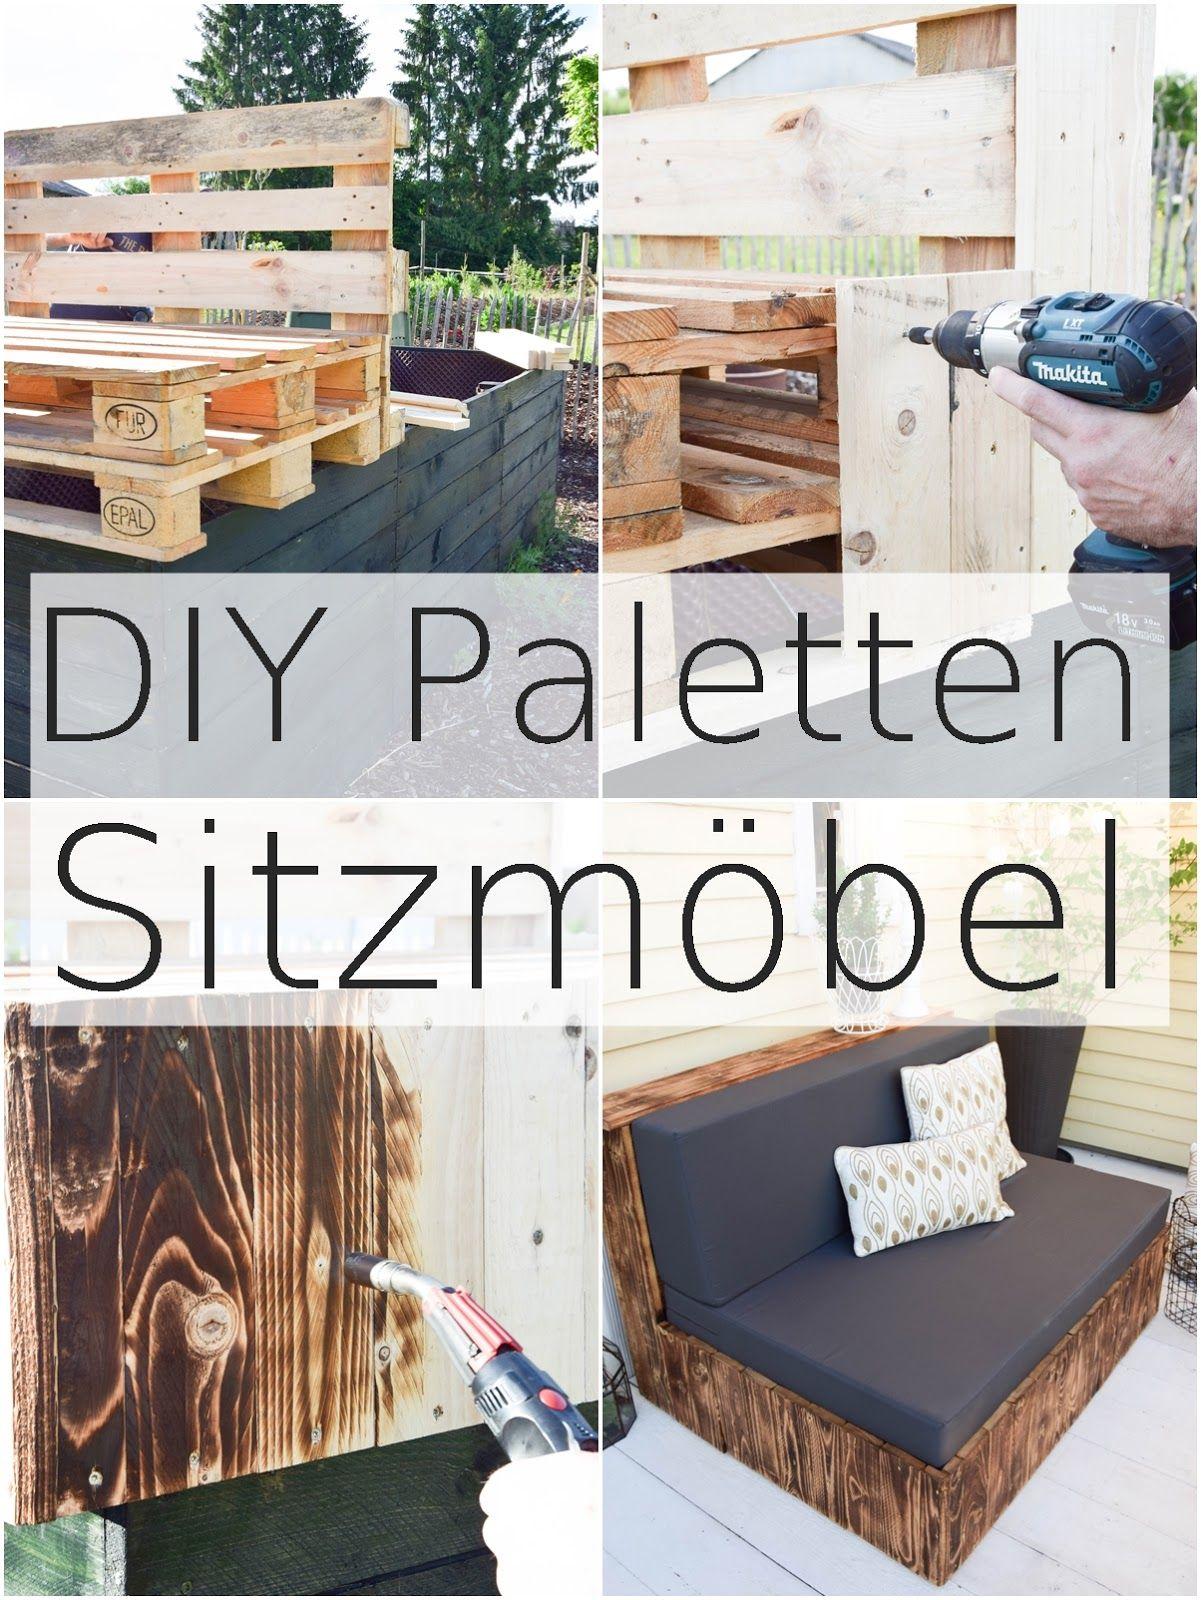 Wunderbar DIY Aus Paletten: Lounge Und Sitzmöbel Für Terrasse Und Garten. Sitzmöbel  Einfach Selbstgemacht Aus